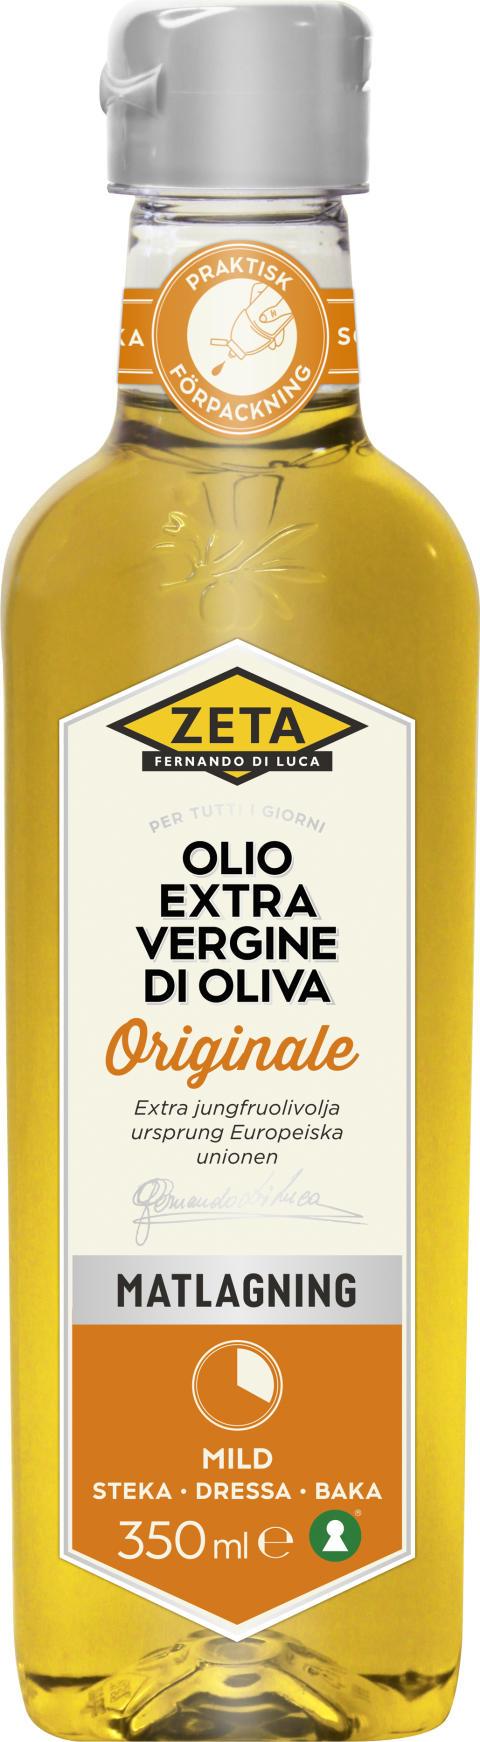 Produktbild Zeta Orginale Squeeze 350 ml